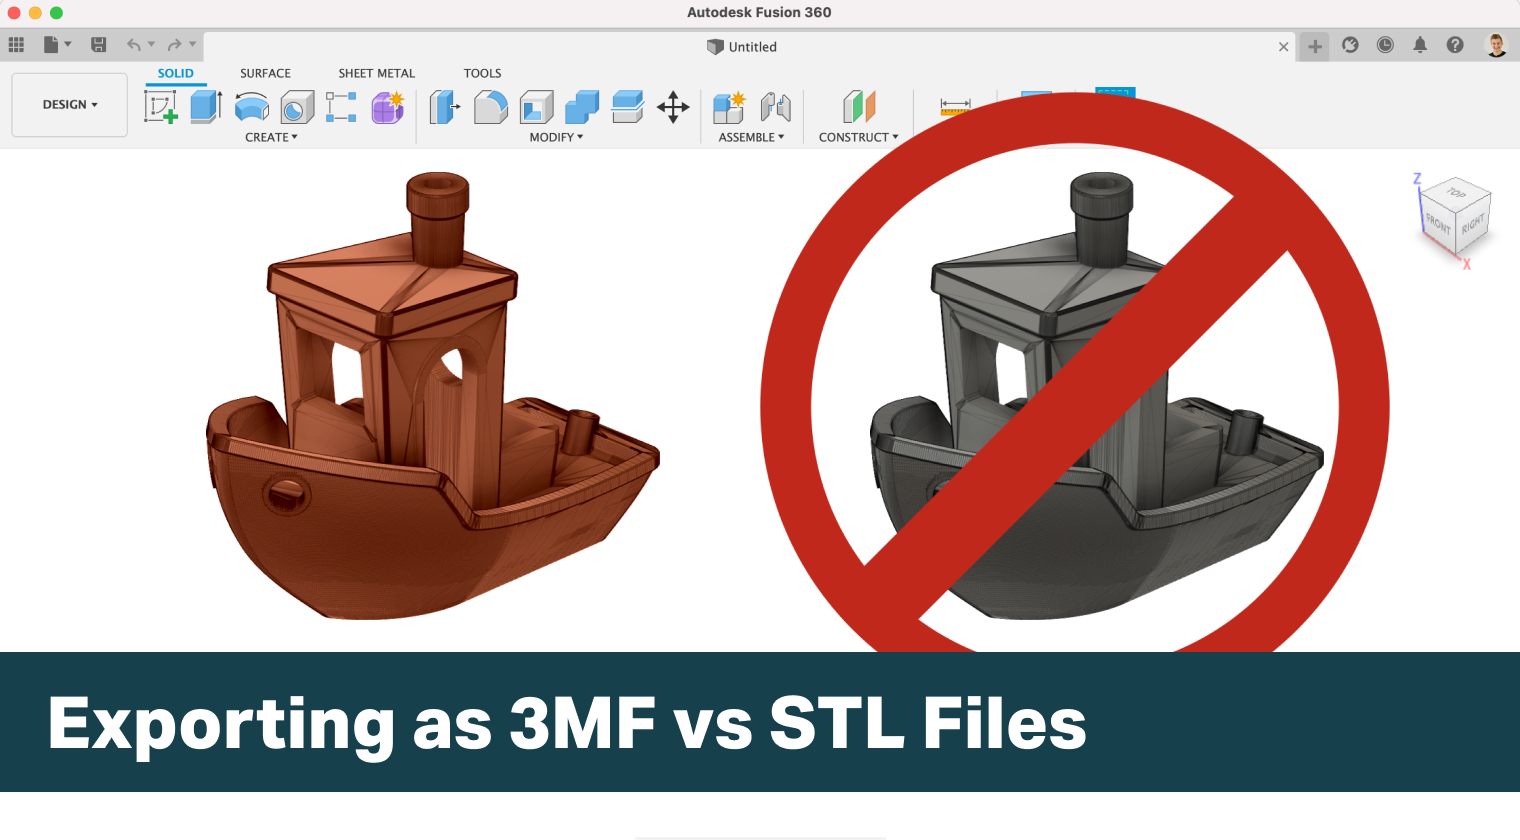 Exporting as 3MF vs STL Files